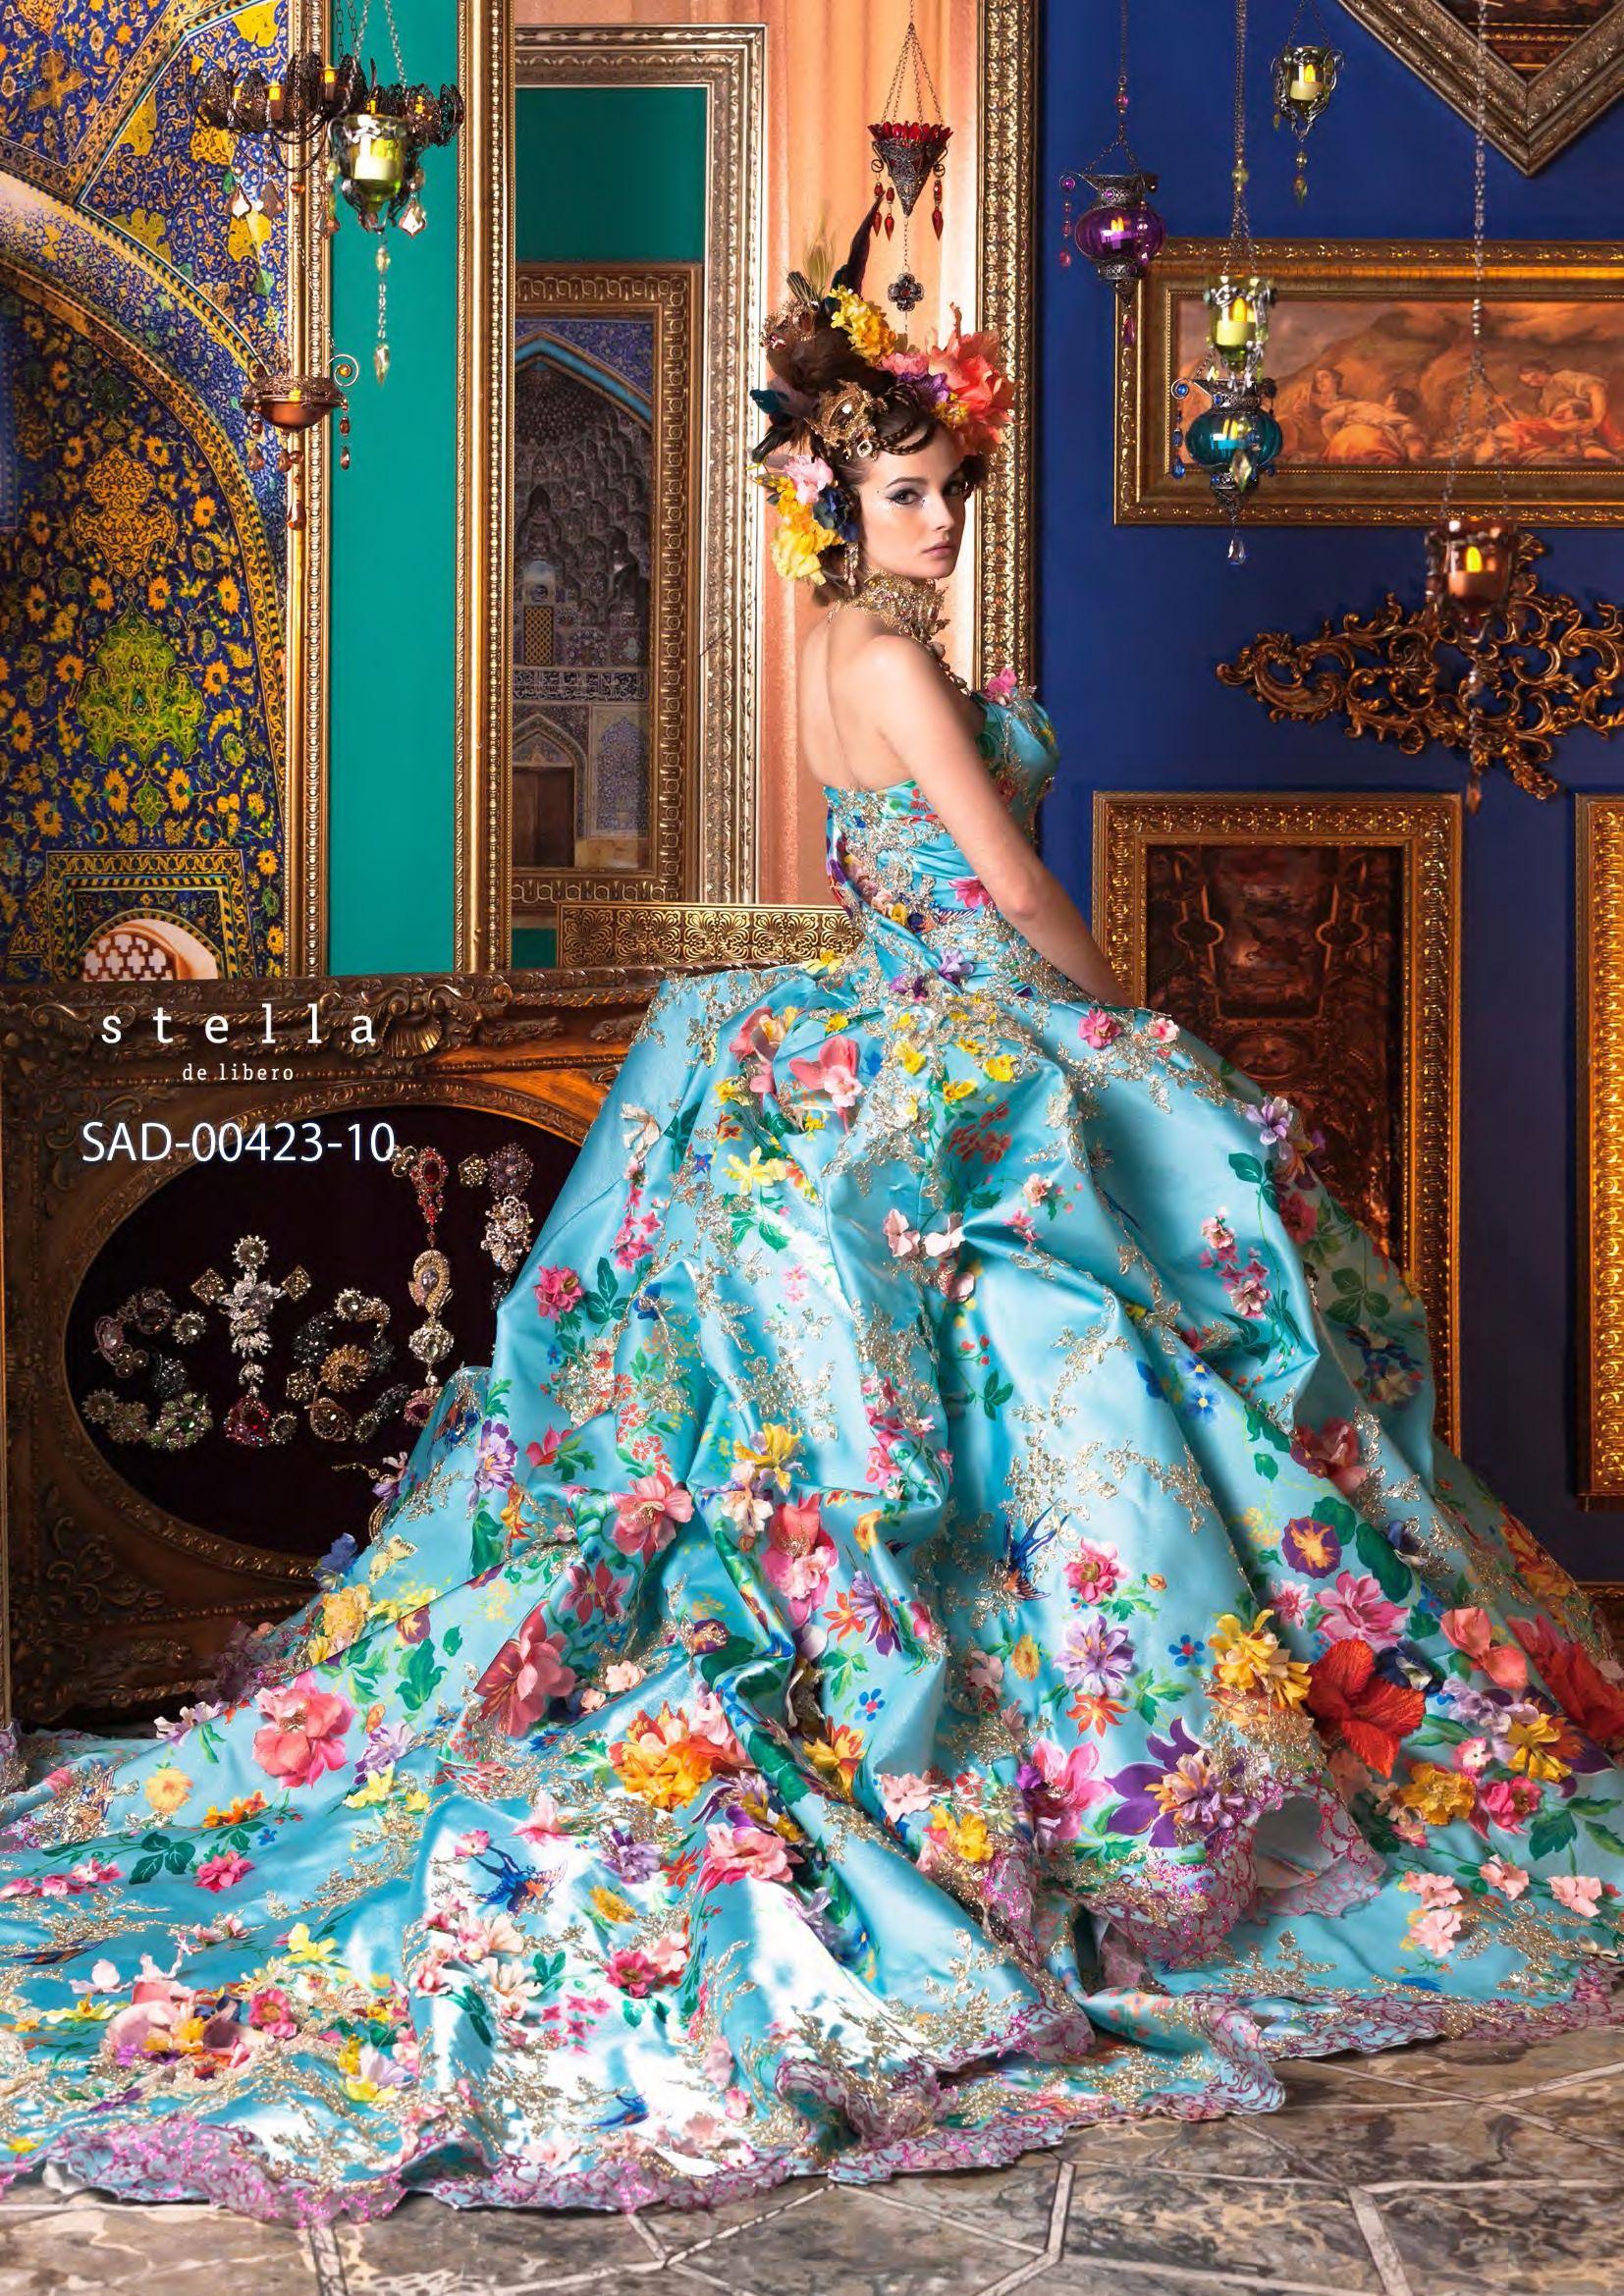 Stella De Libero Creations | VESTIDOS | Pinterest | Boda, Vestidos y ...